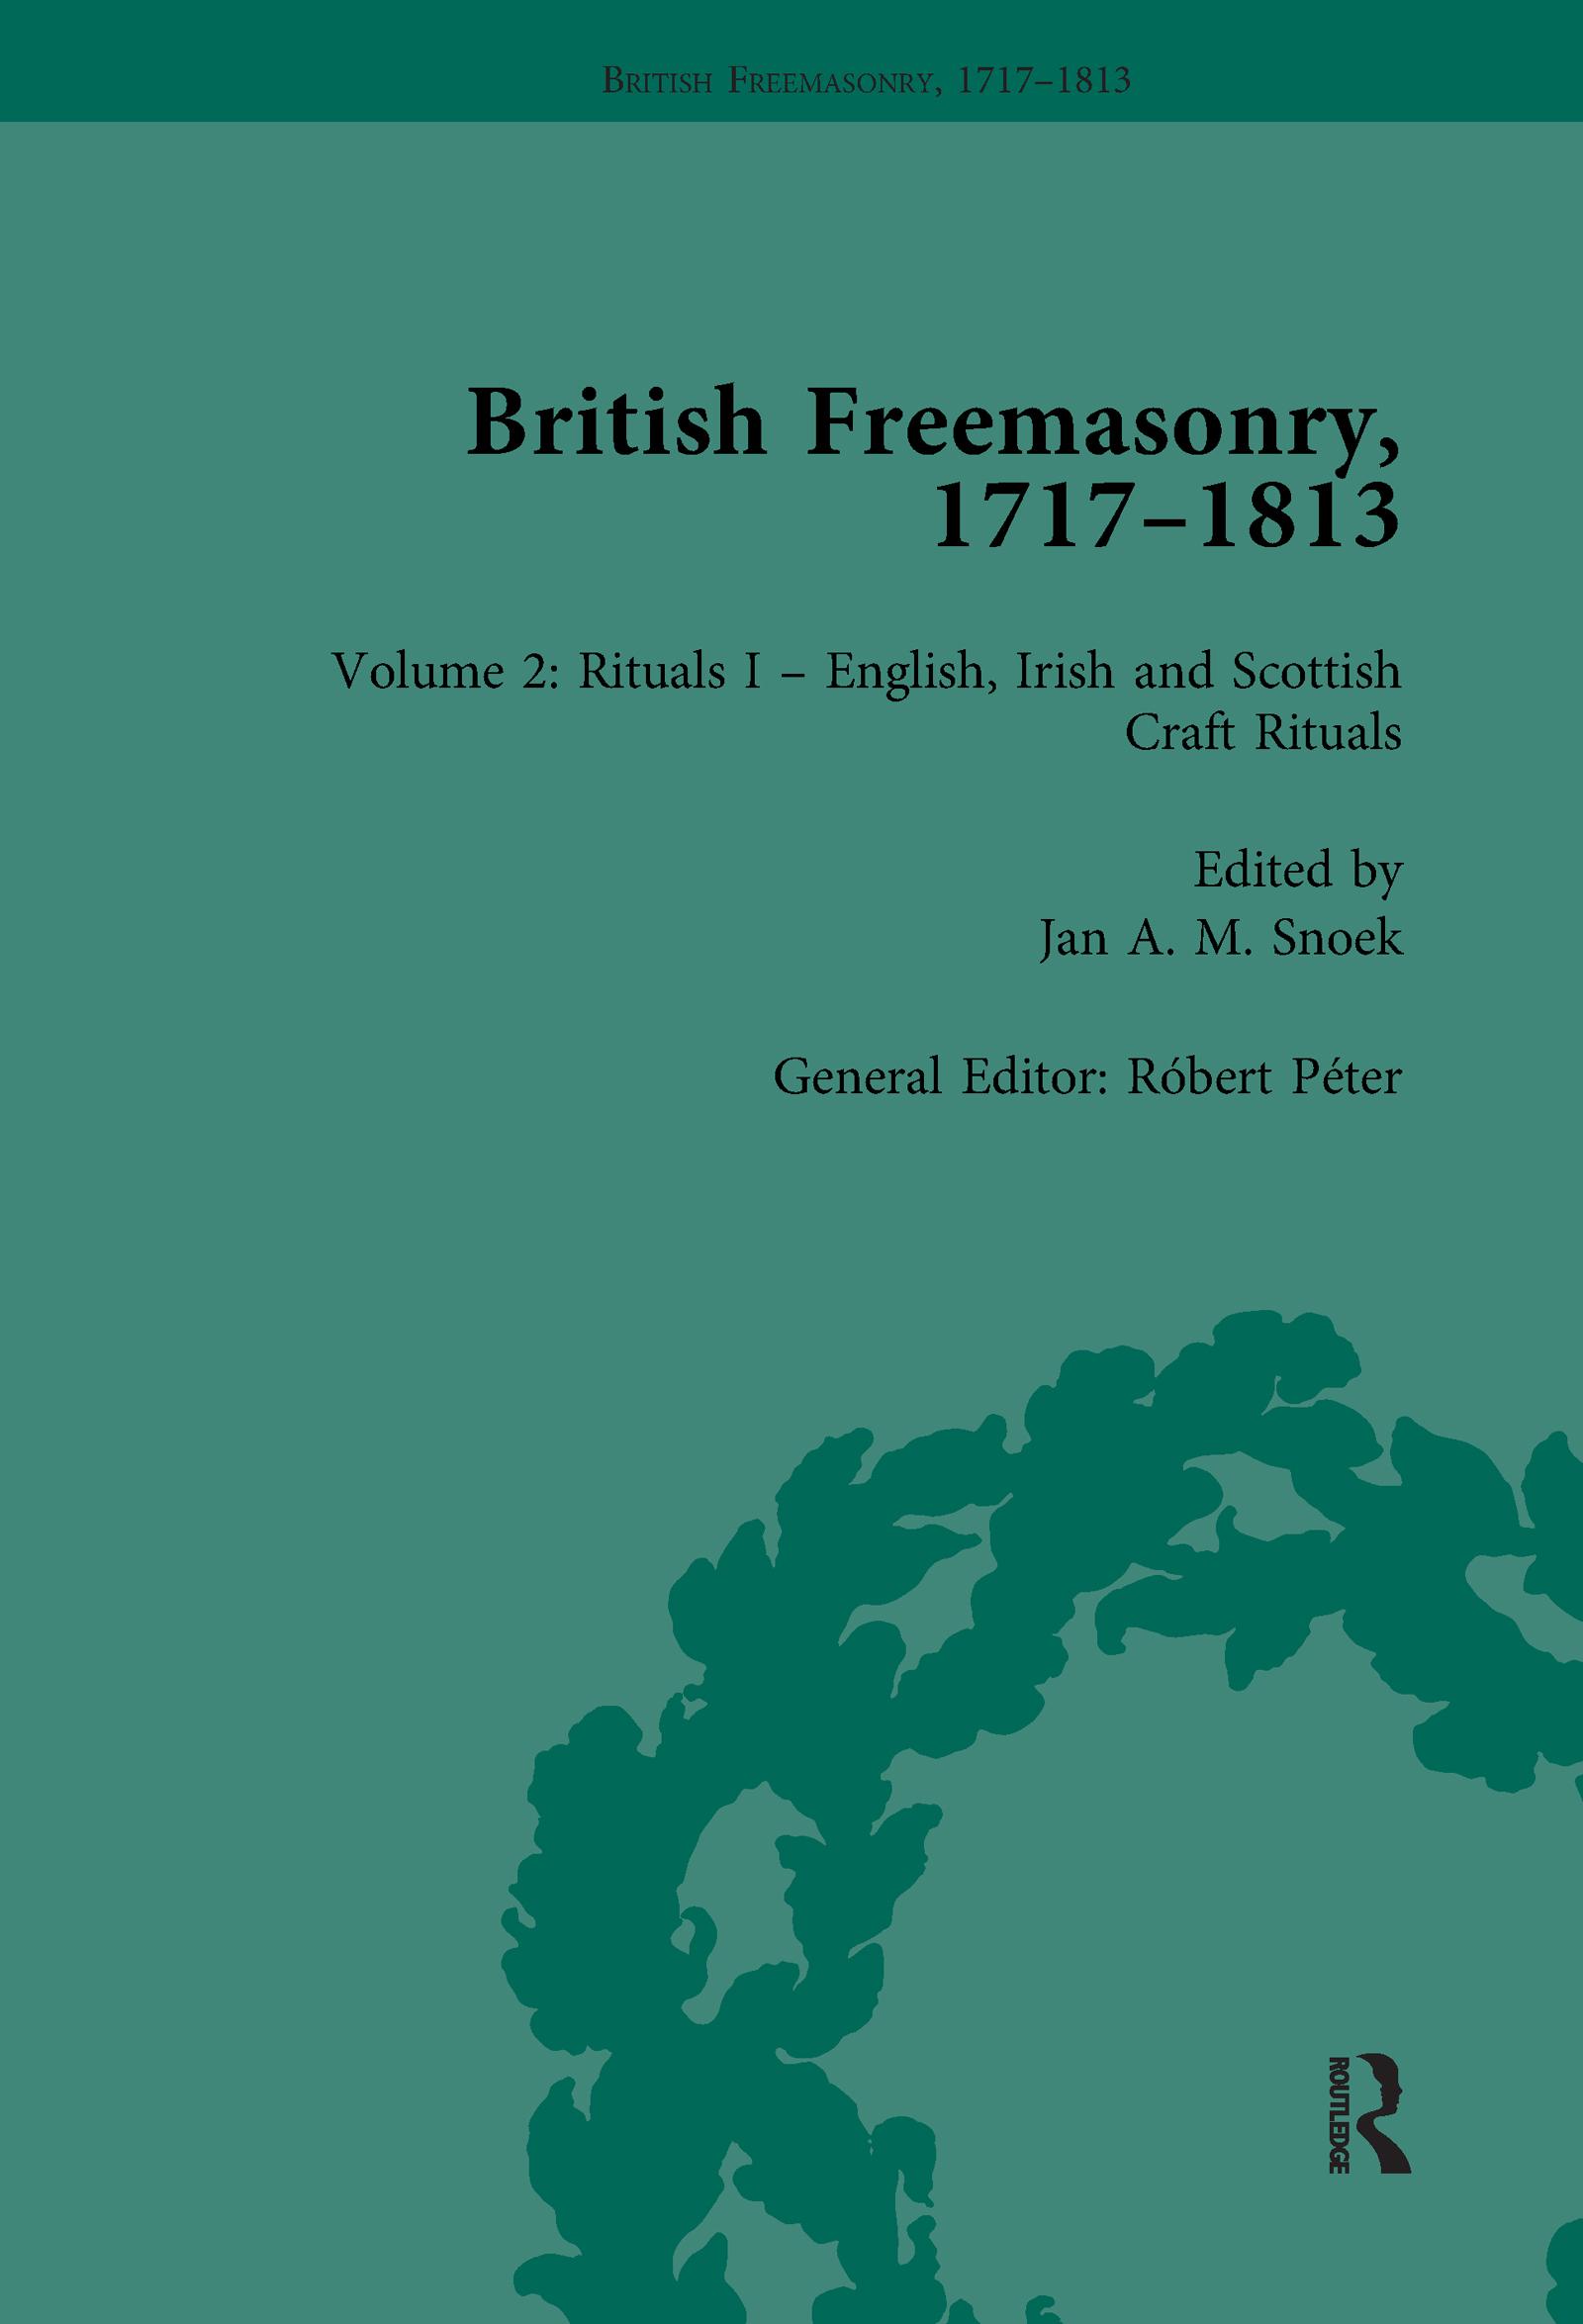 British Freemasonry, 1717-1813 Volume 2